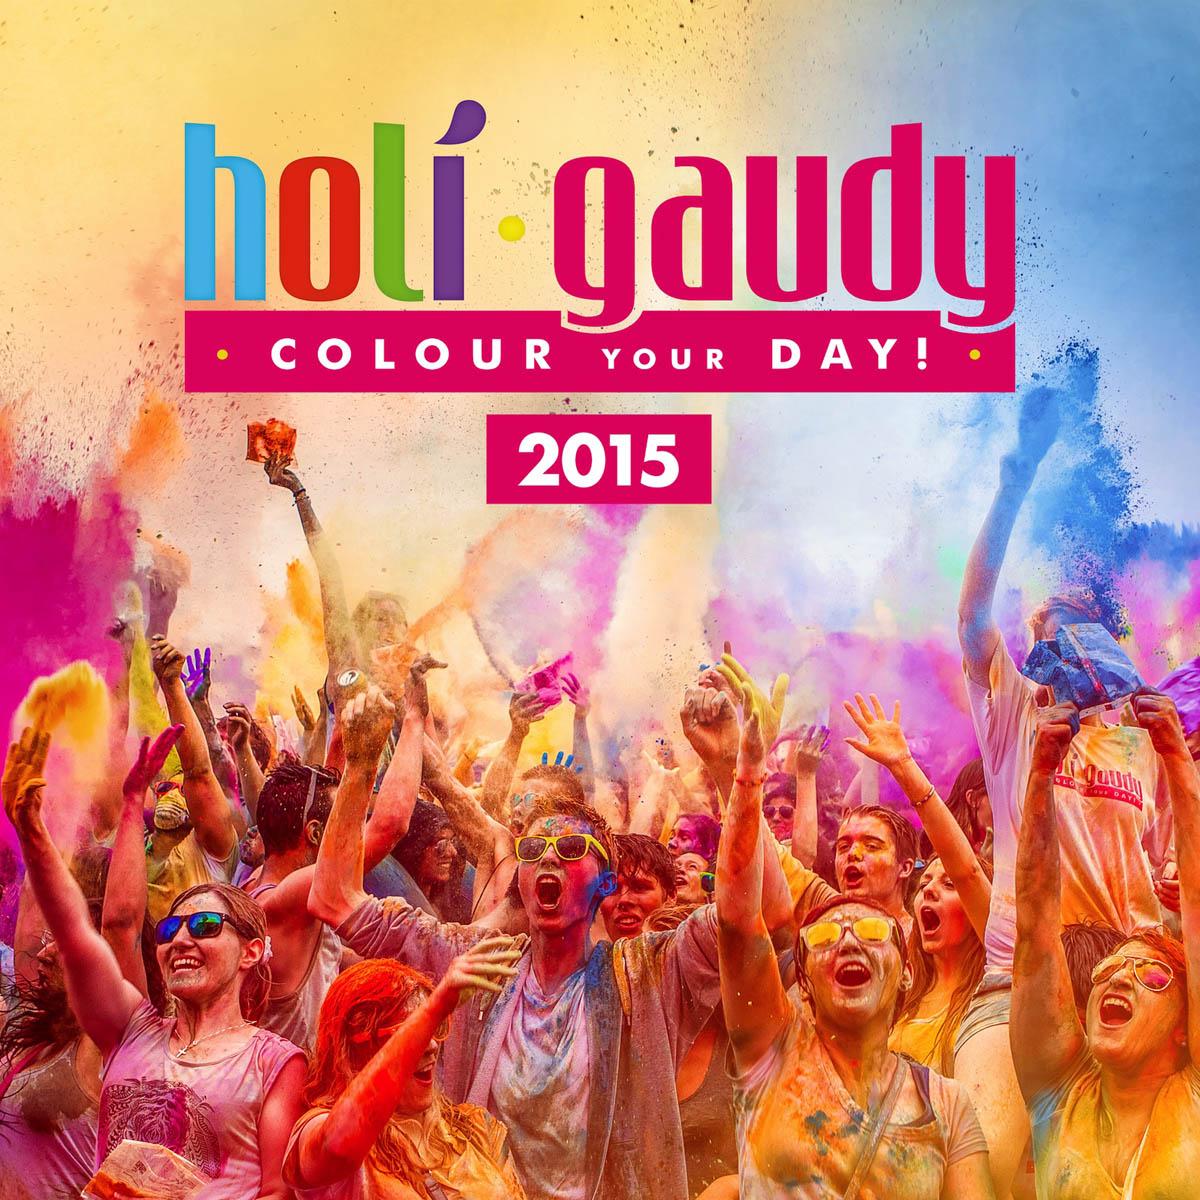 HOLI GAUDY 2015 - die offizielle Compilation zur großen Festival-Tour